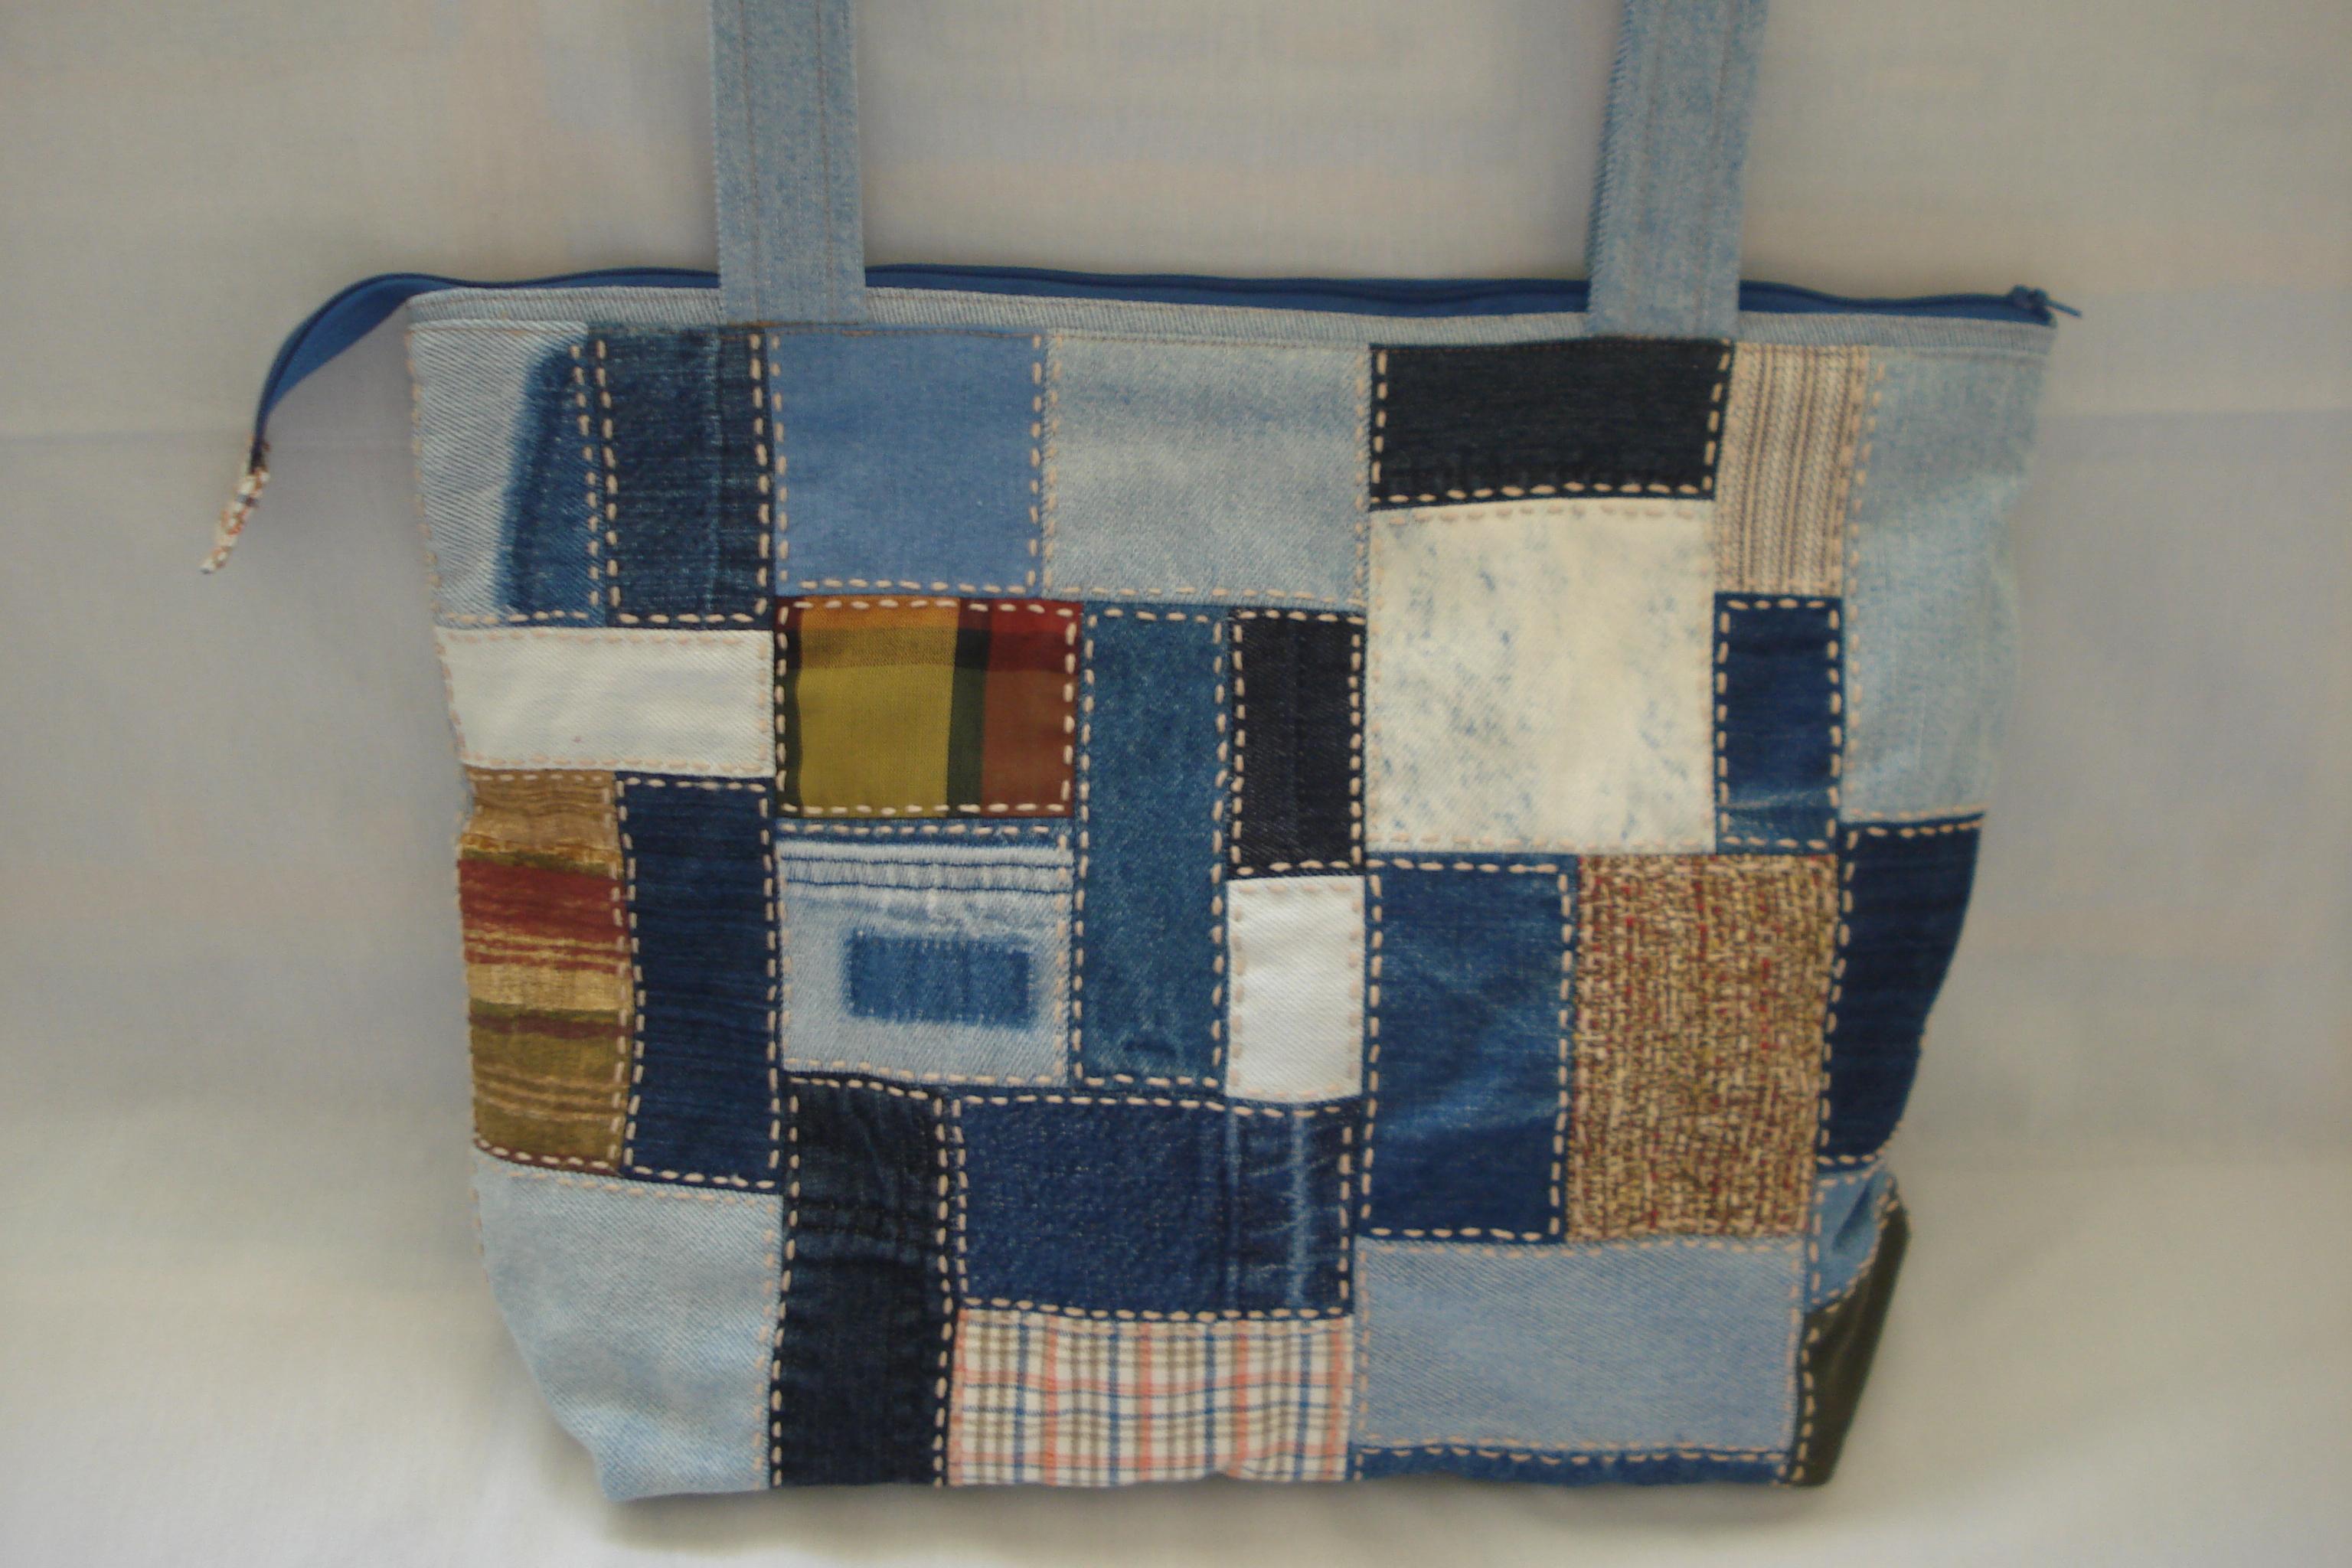 Bolsa De Tecido E Jeans : Bolsa jeans de retalhos asayuri artesanato elo